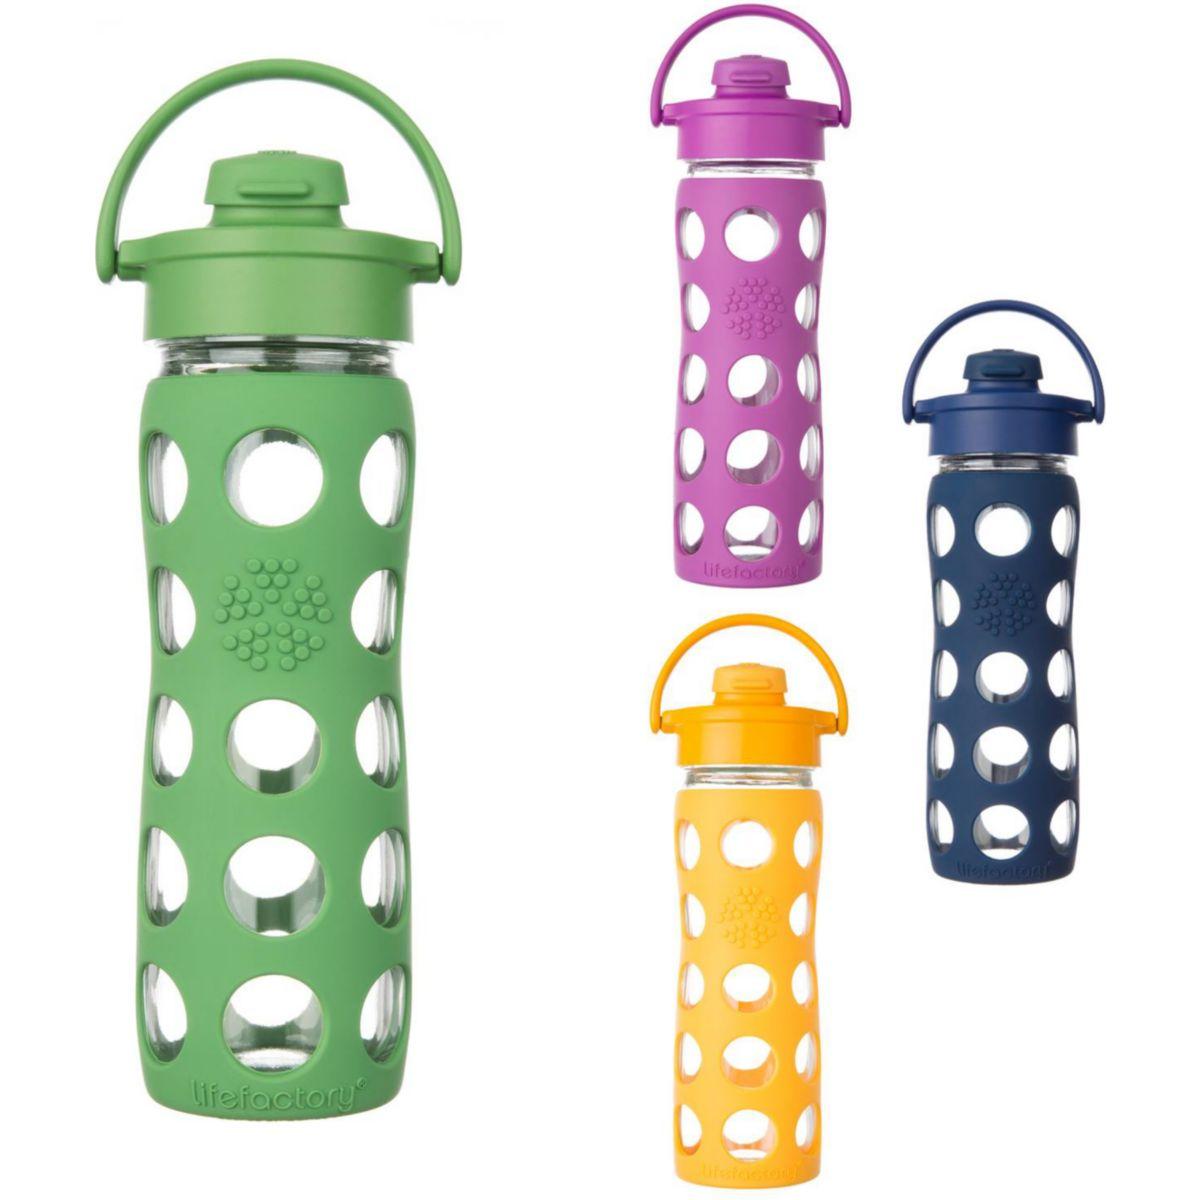 Lifefactory Trinkflasche ´´Flip Top Cap´´ in Grün - 475 ml 29% | Schulausstattung jetztbilligerkaufen